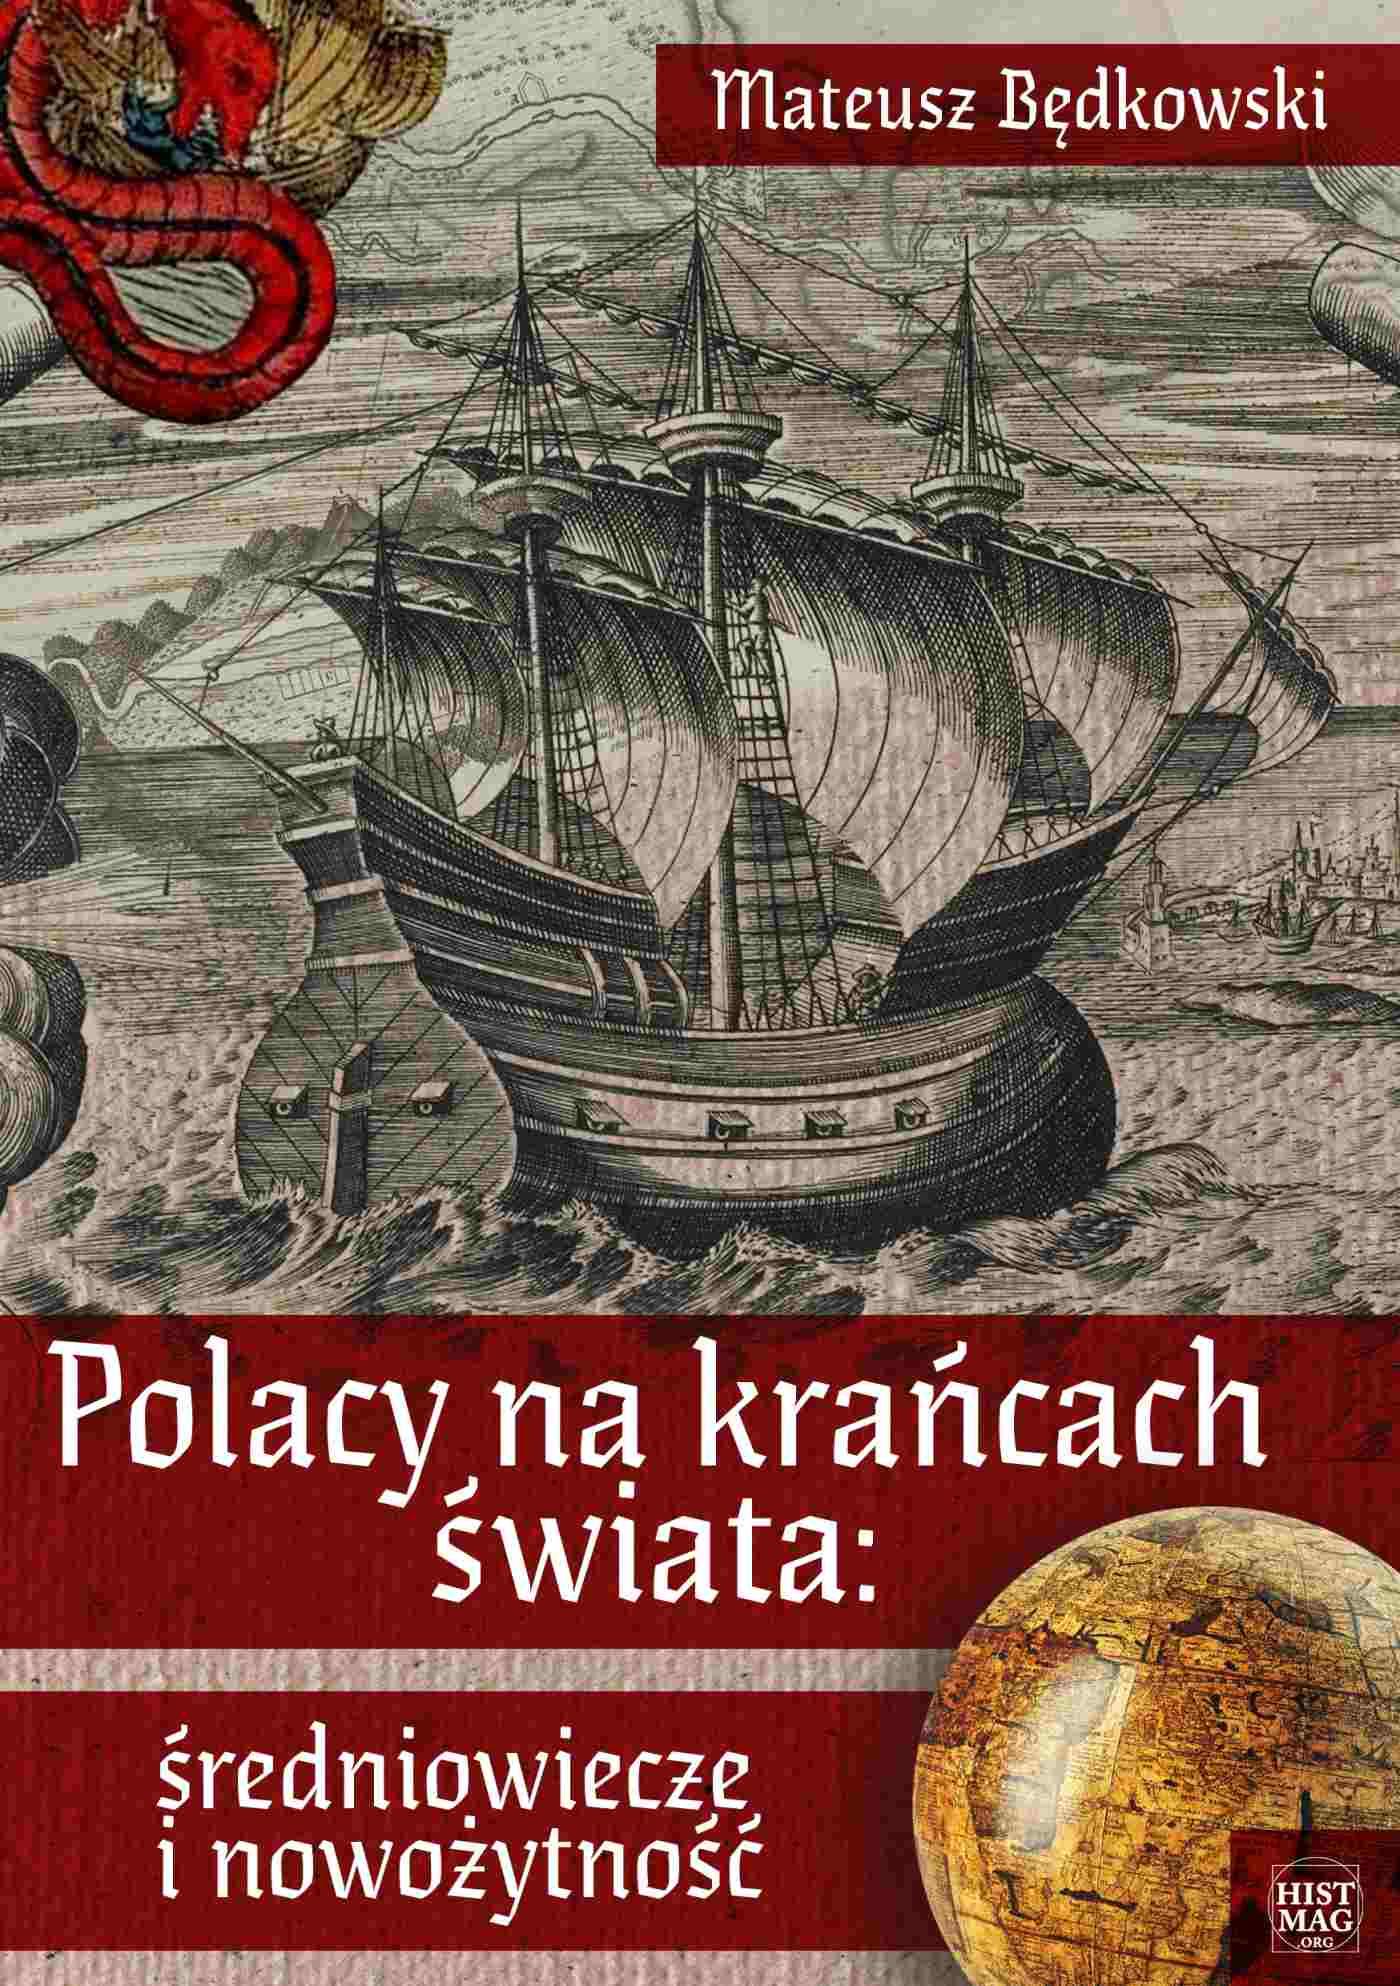 Polacy na krańcach świata: średniowiecze i nowożytność - Ebook (Książka PDF) do pobrania w formacie PDF